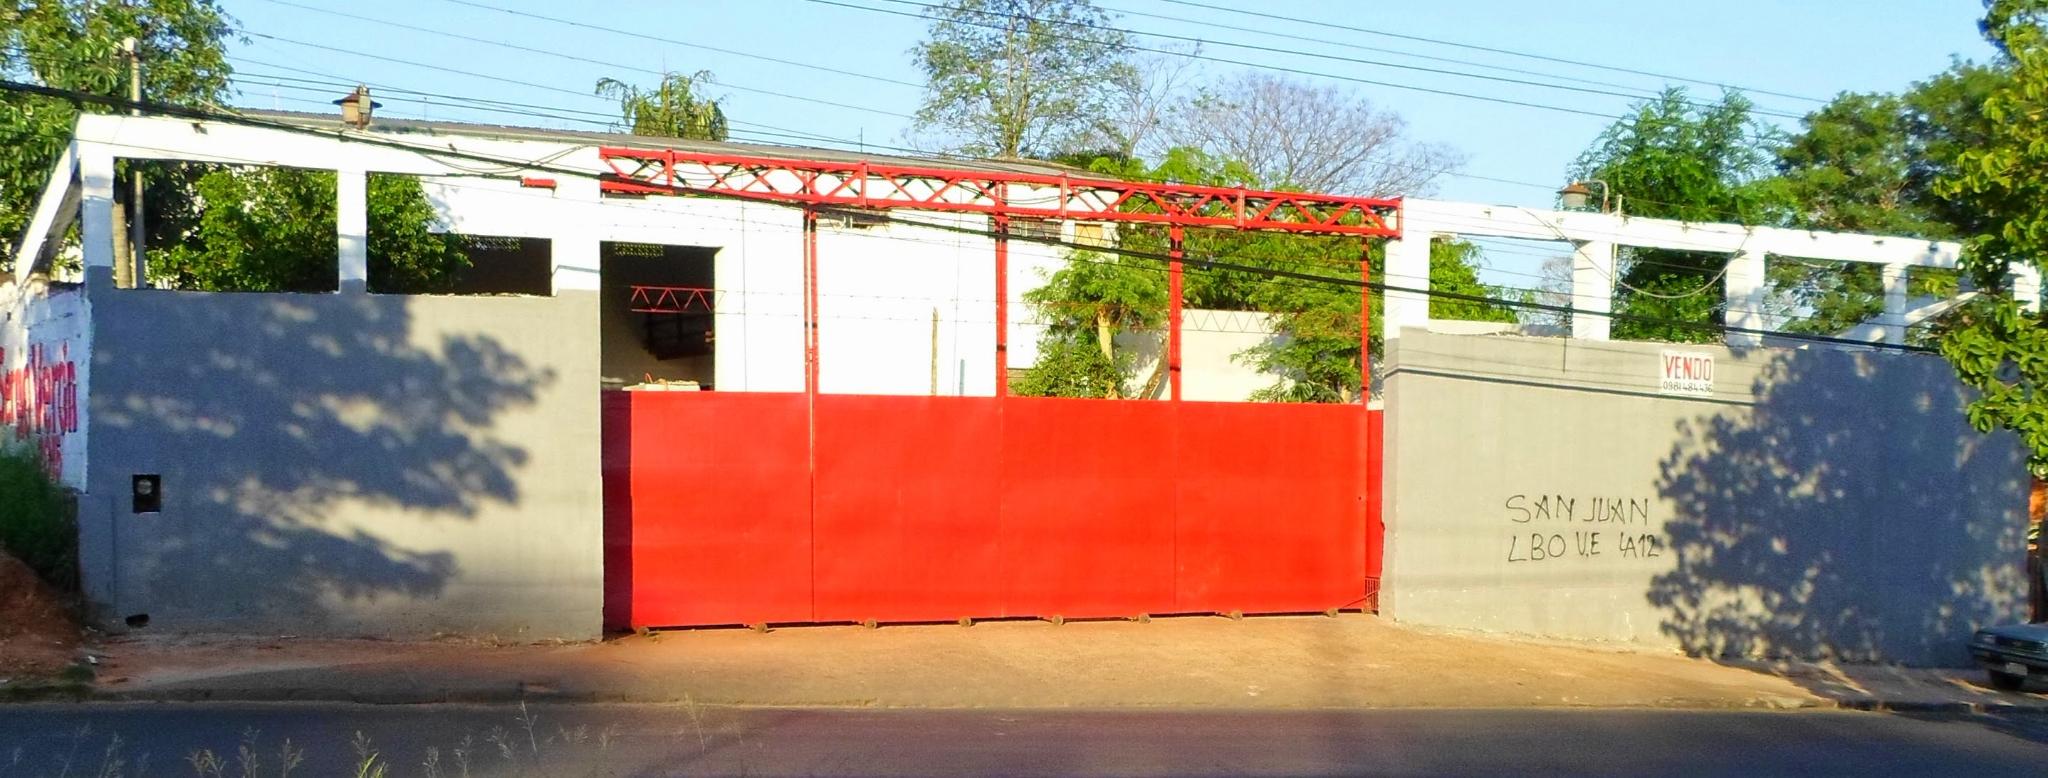 Vendo En Excelente Oferta Deposito Zona Defensores Del Chaco